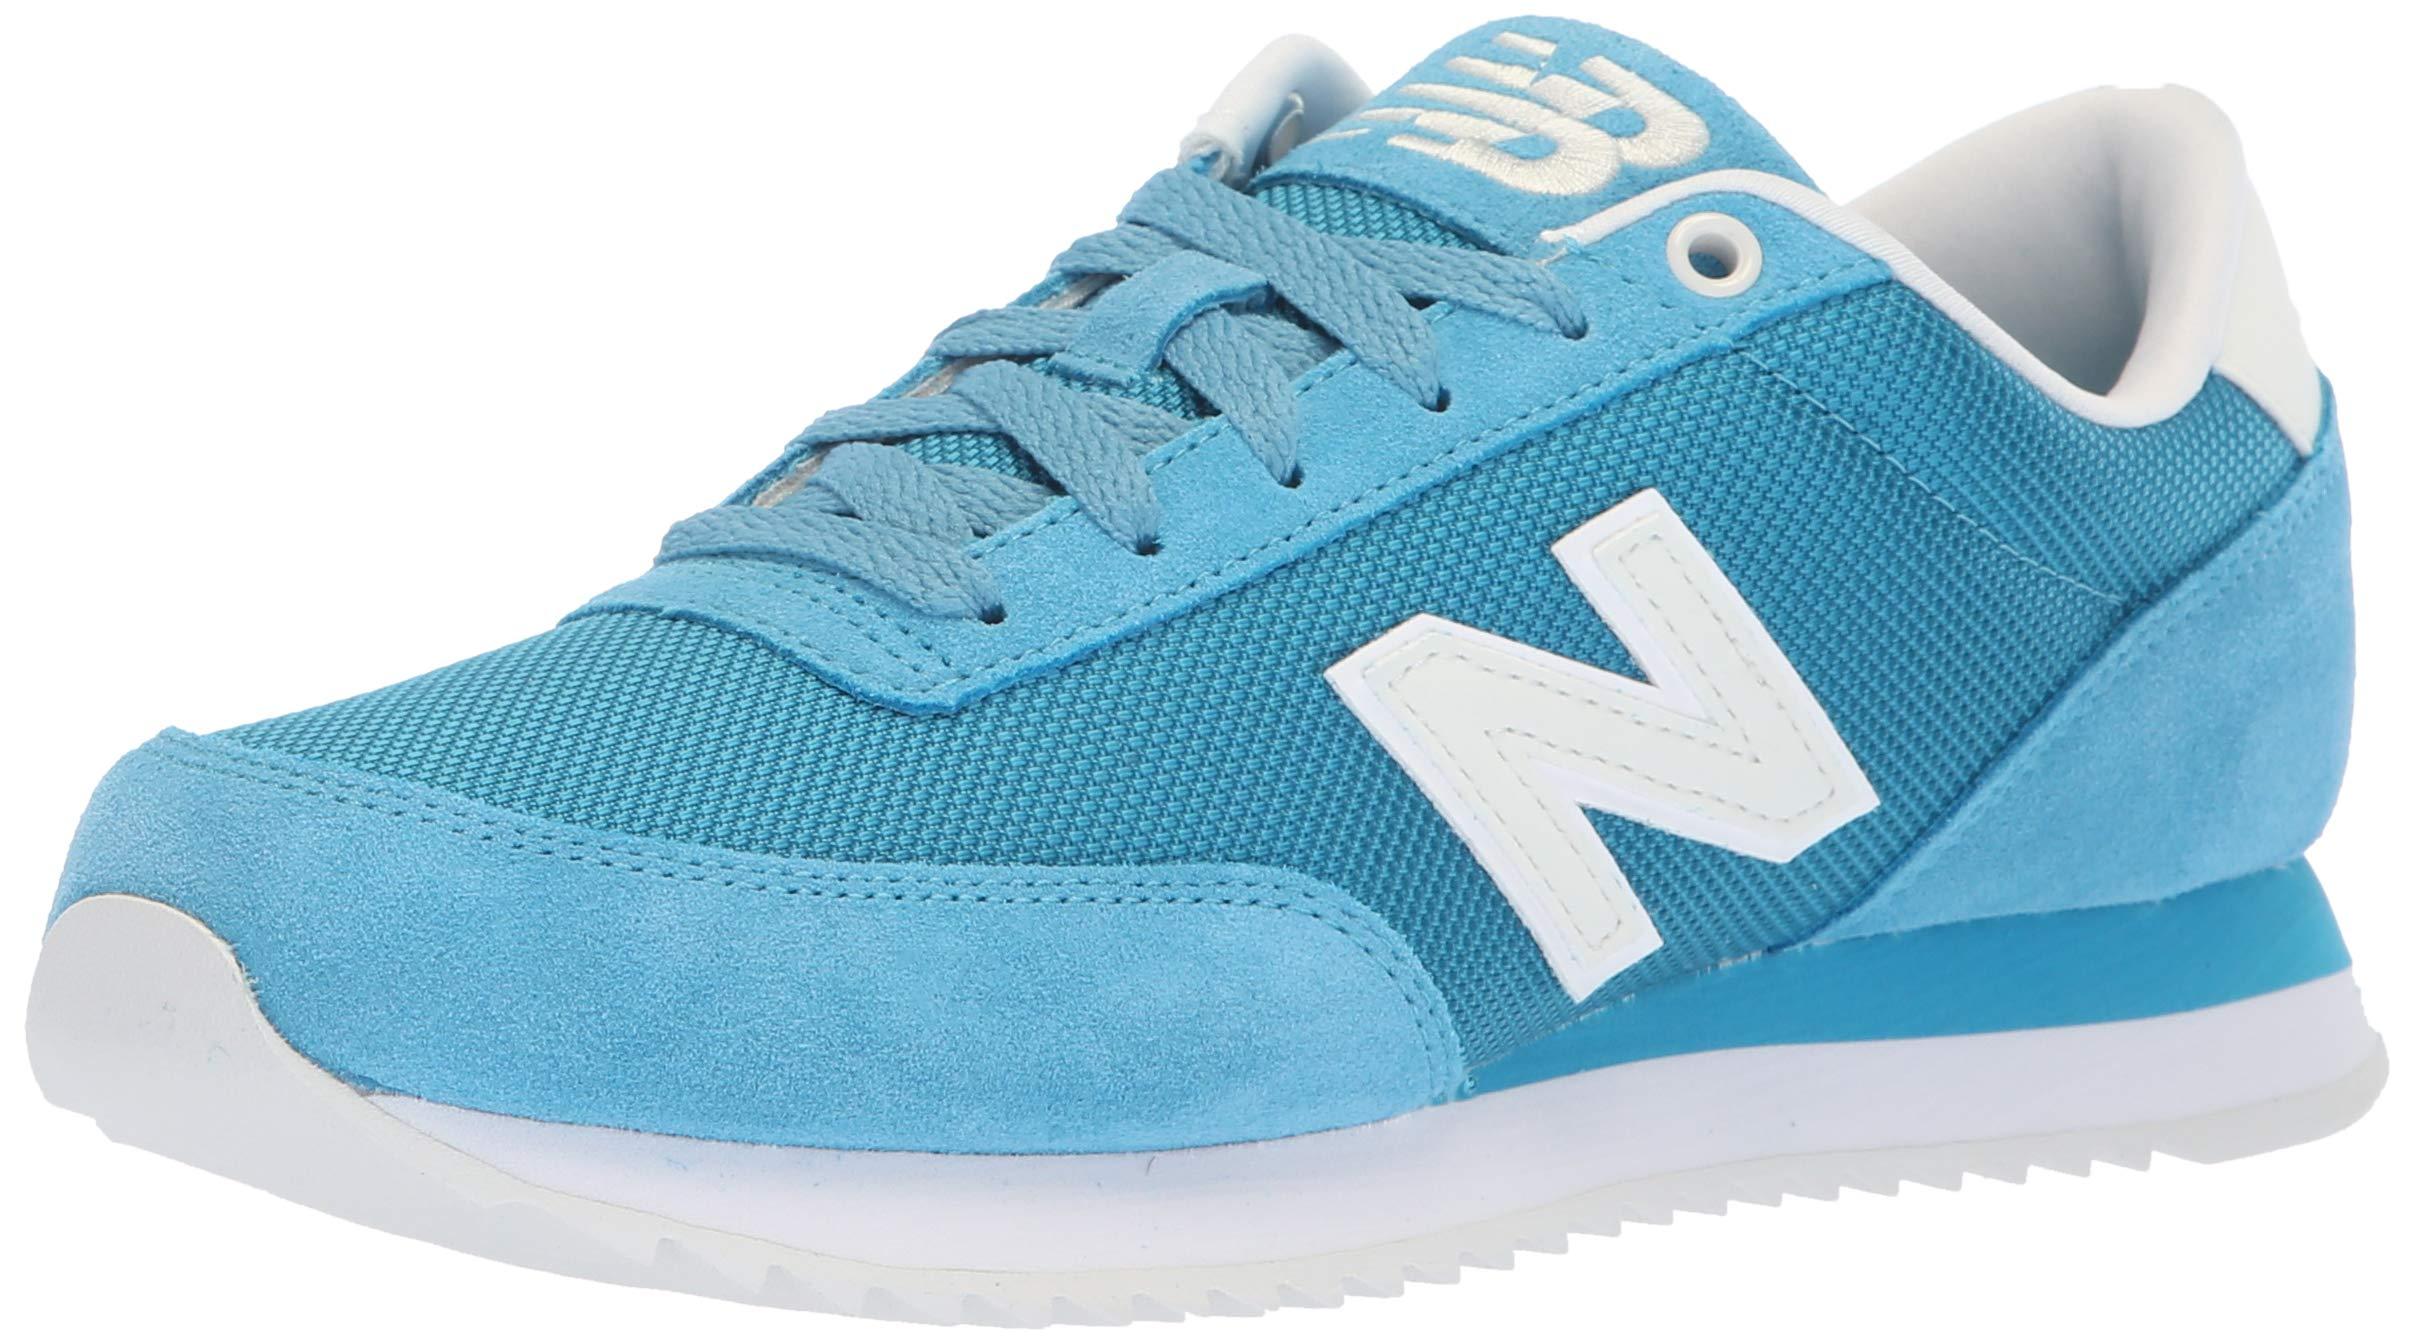 Balance Sneaker Balance New Women's New 501v1 501v1 Women's Balance Sneaker New nZUSHH